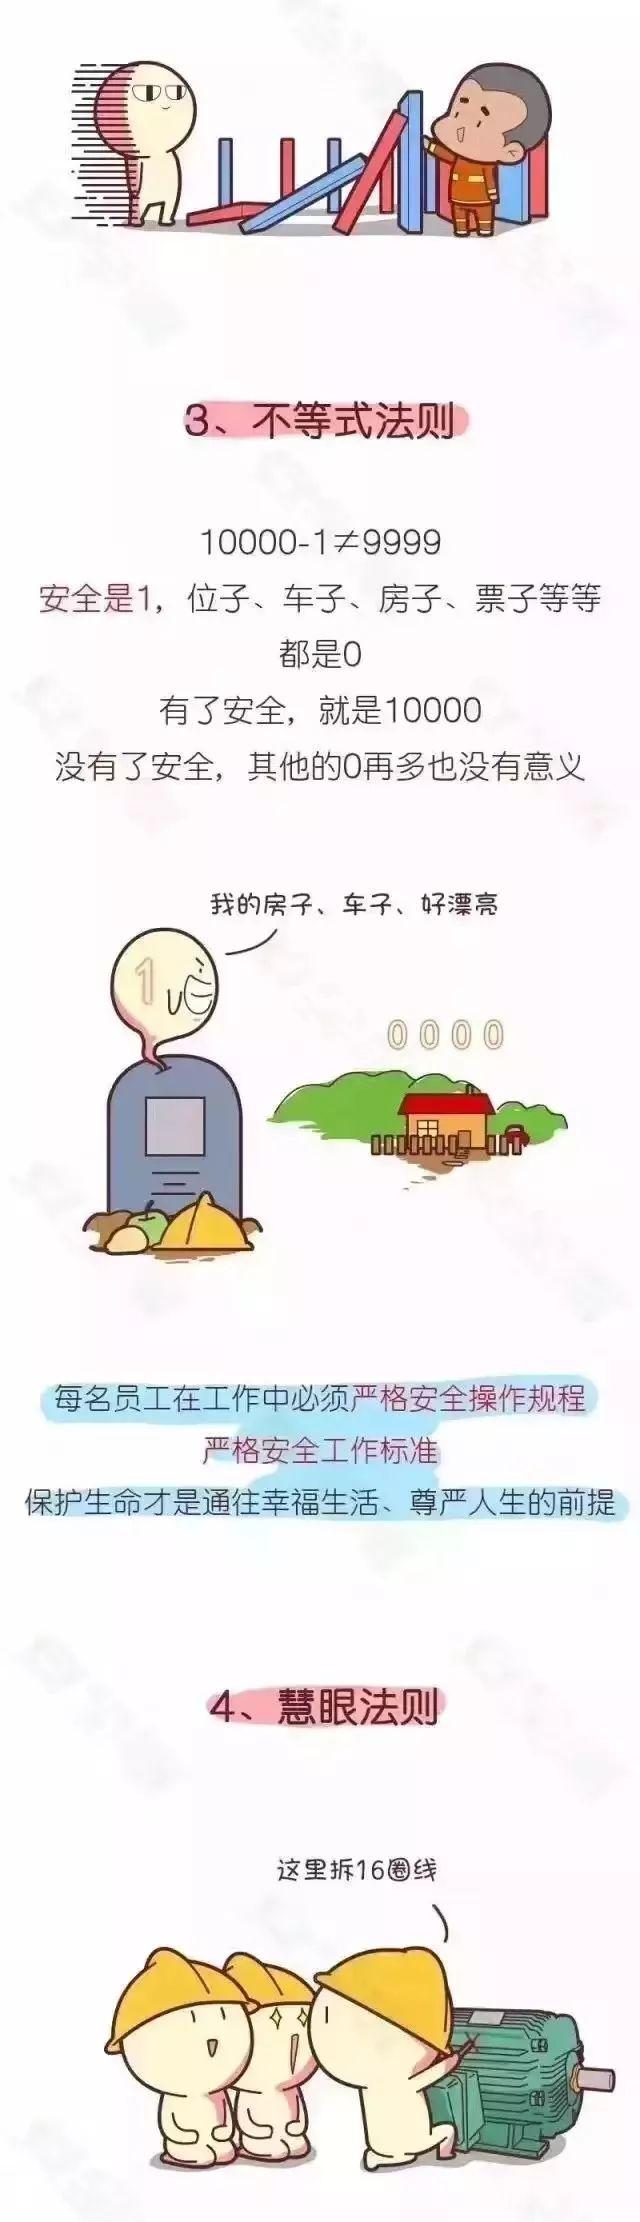 安全生產10大法則_3